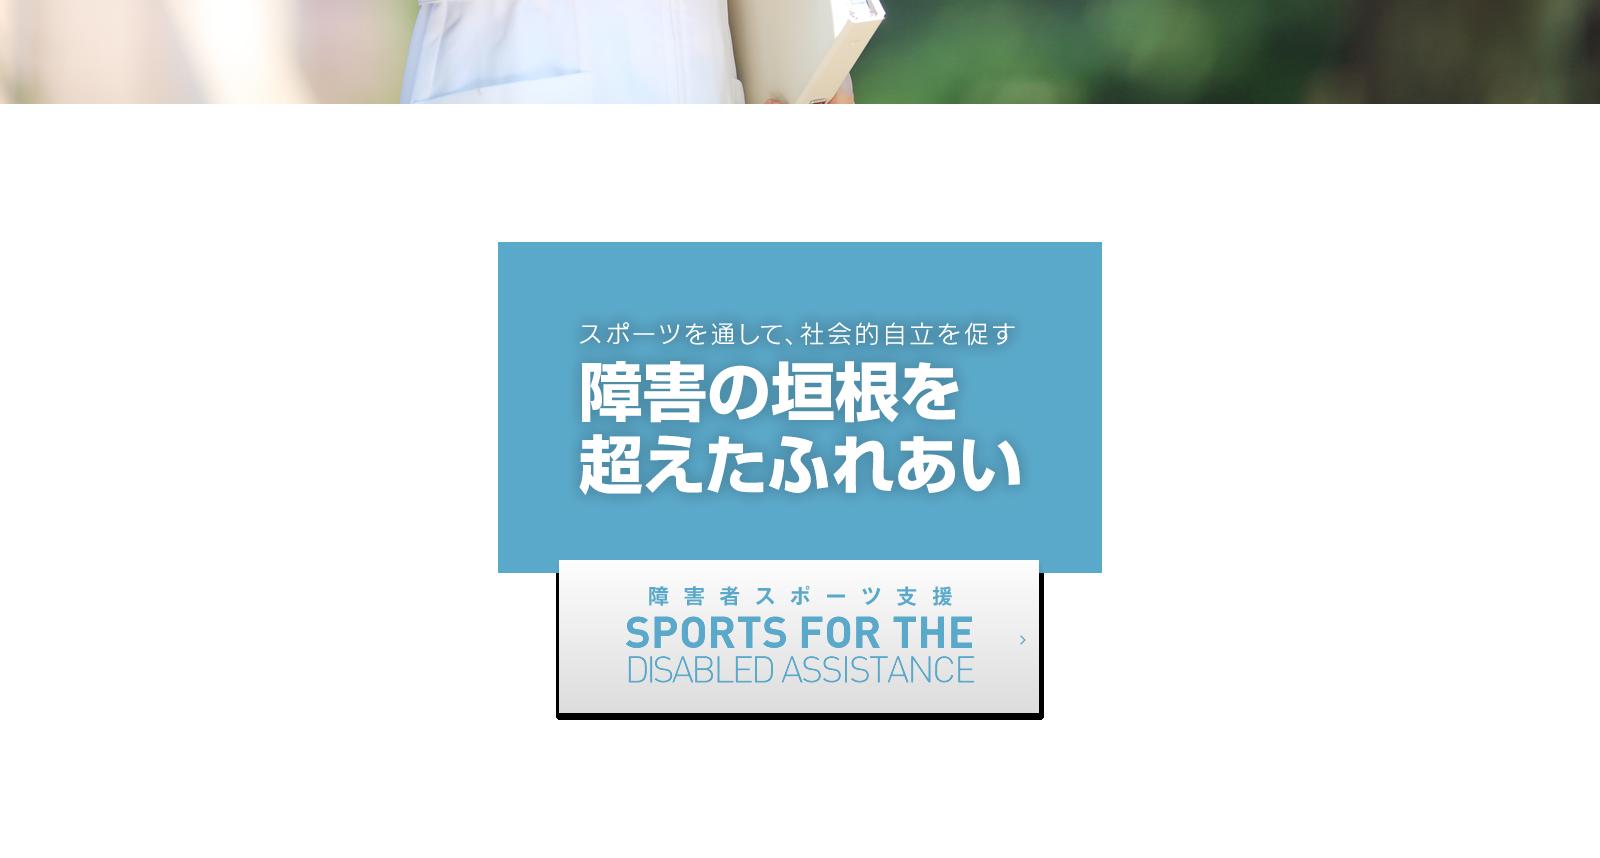 スポーツを通して、社会的自立を促す障害の垣根を超えたふれあい